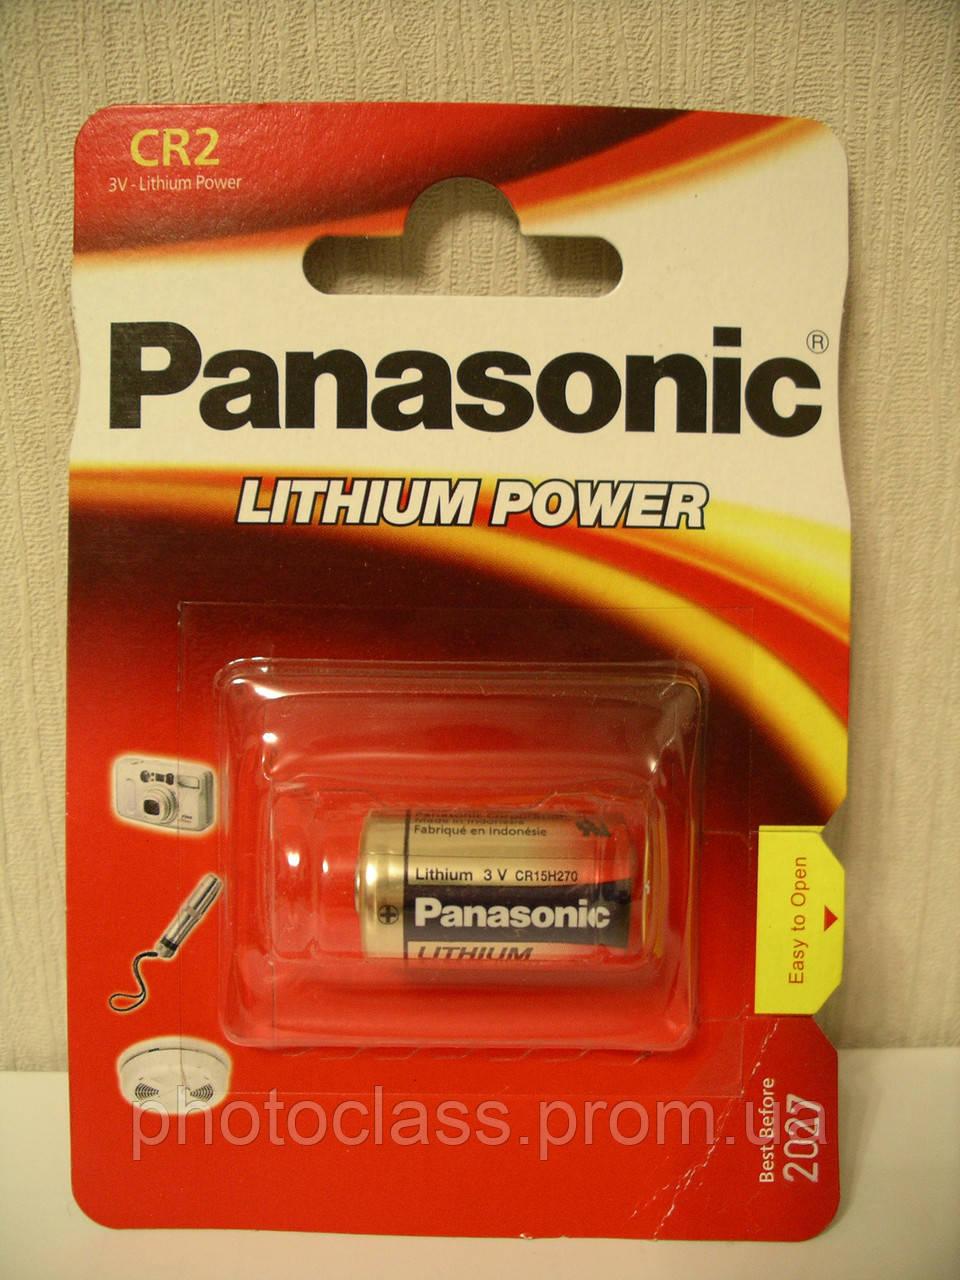 Panasonic Lithium Power CR-2L/1BP CR2, батарейка литиевая 3V